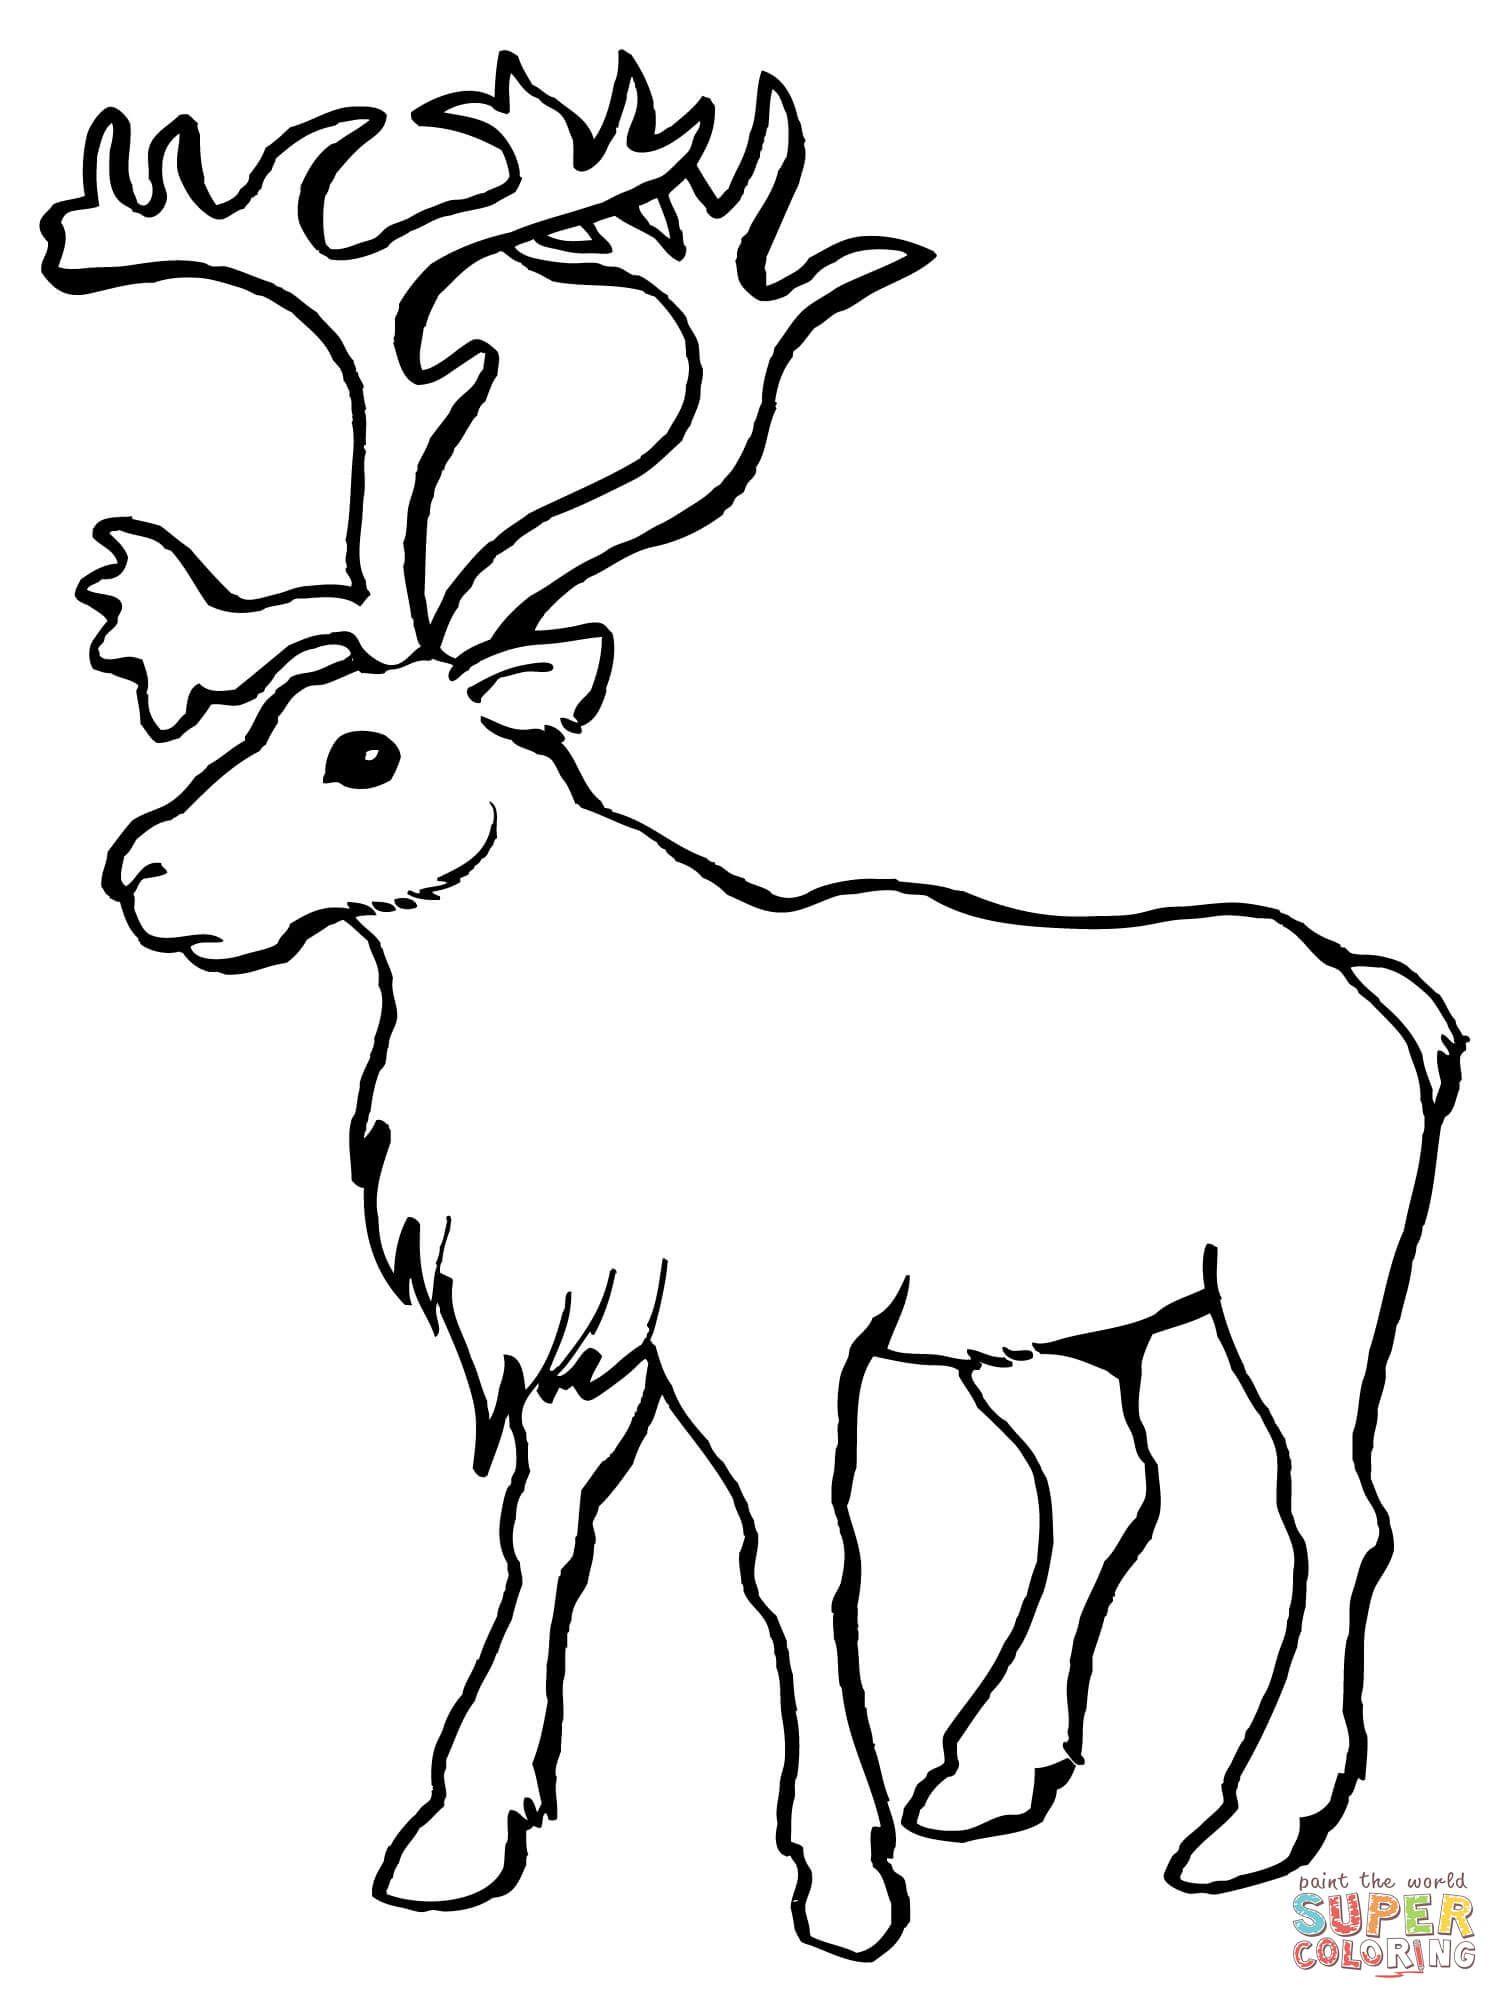 Reindeer Caribou Coloring Page Free Printable Coloring Pages Deer Coloring Pages Animal Coloring Pages Reindeer Drawing